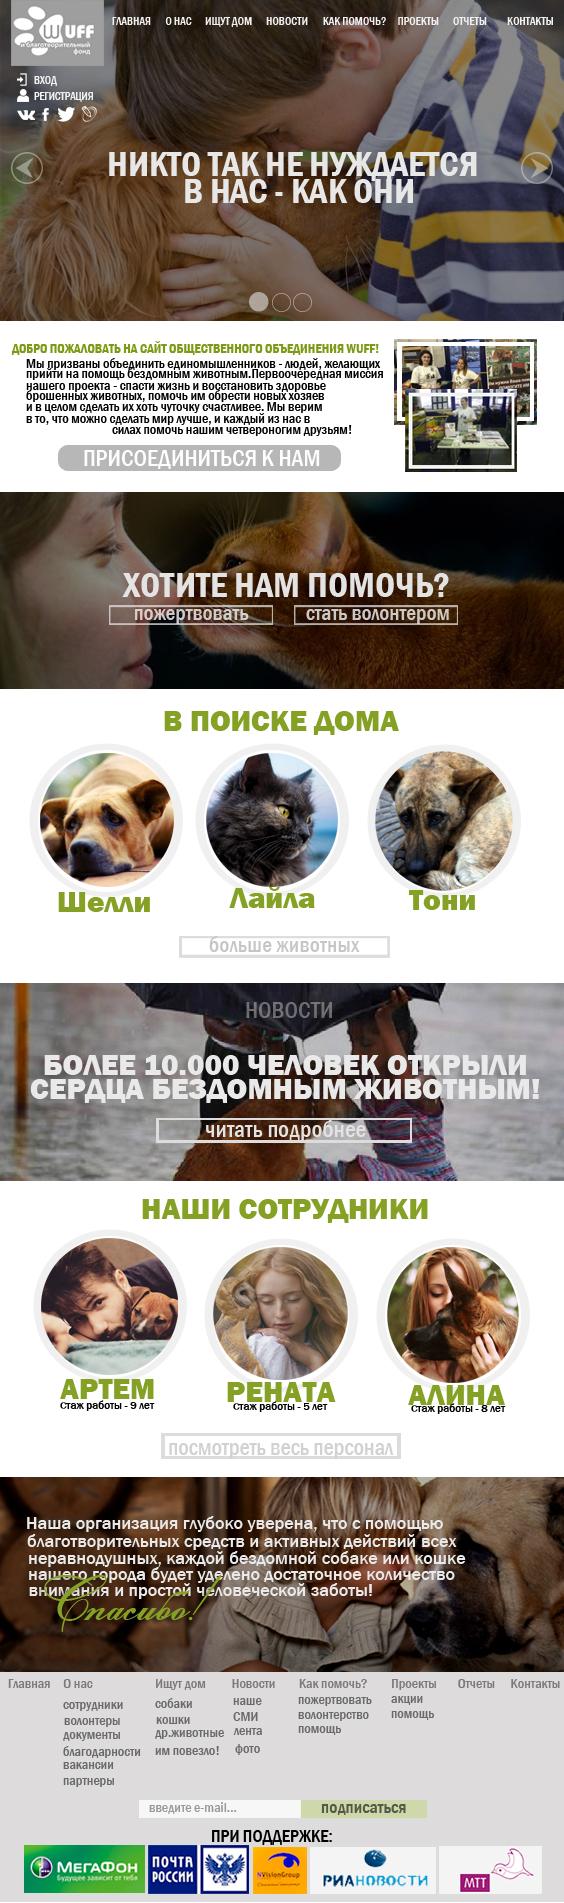 Требуется разработать дизайн сайта помощи бездомным животным фото f_7715875f9512058f.jpg